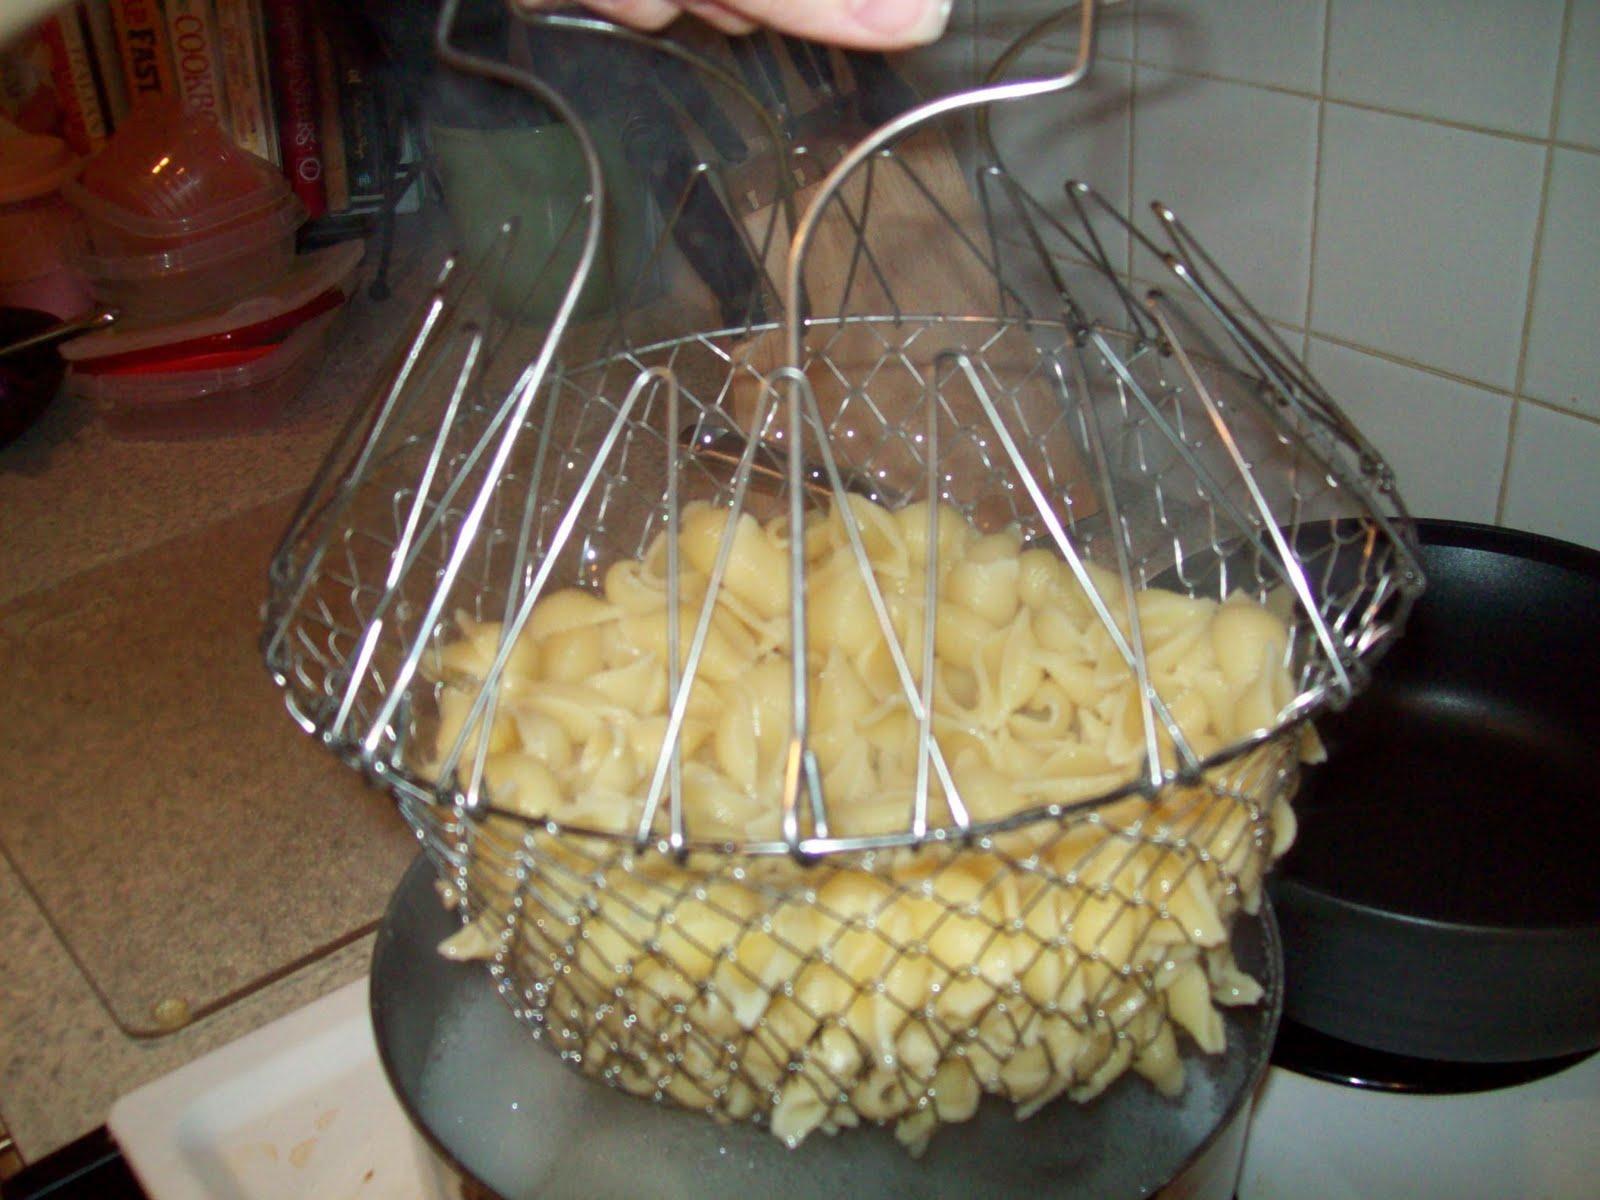 ตระแกรง Chef Basket(ดูในคลิป) สำหรับต้ม ทอด เอนกประสงศ์ สะดวกมั่กๆ